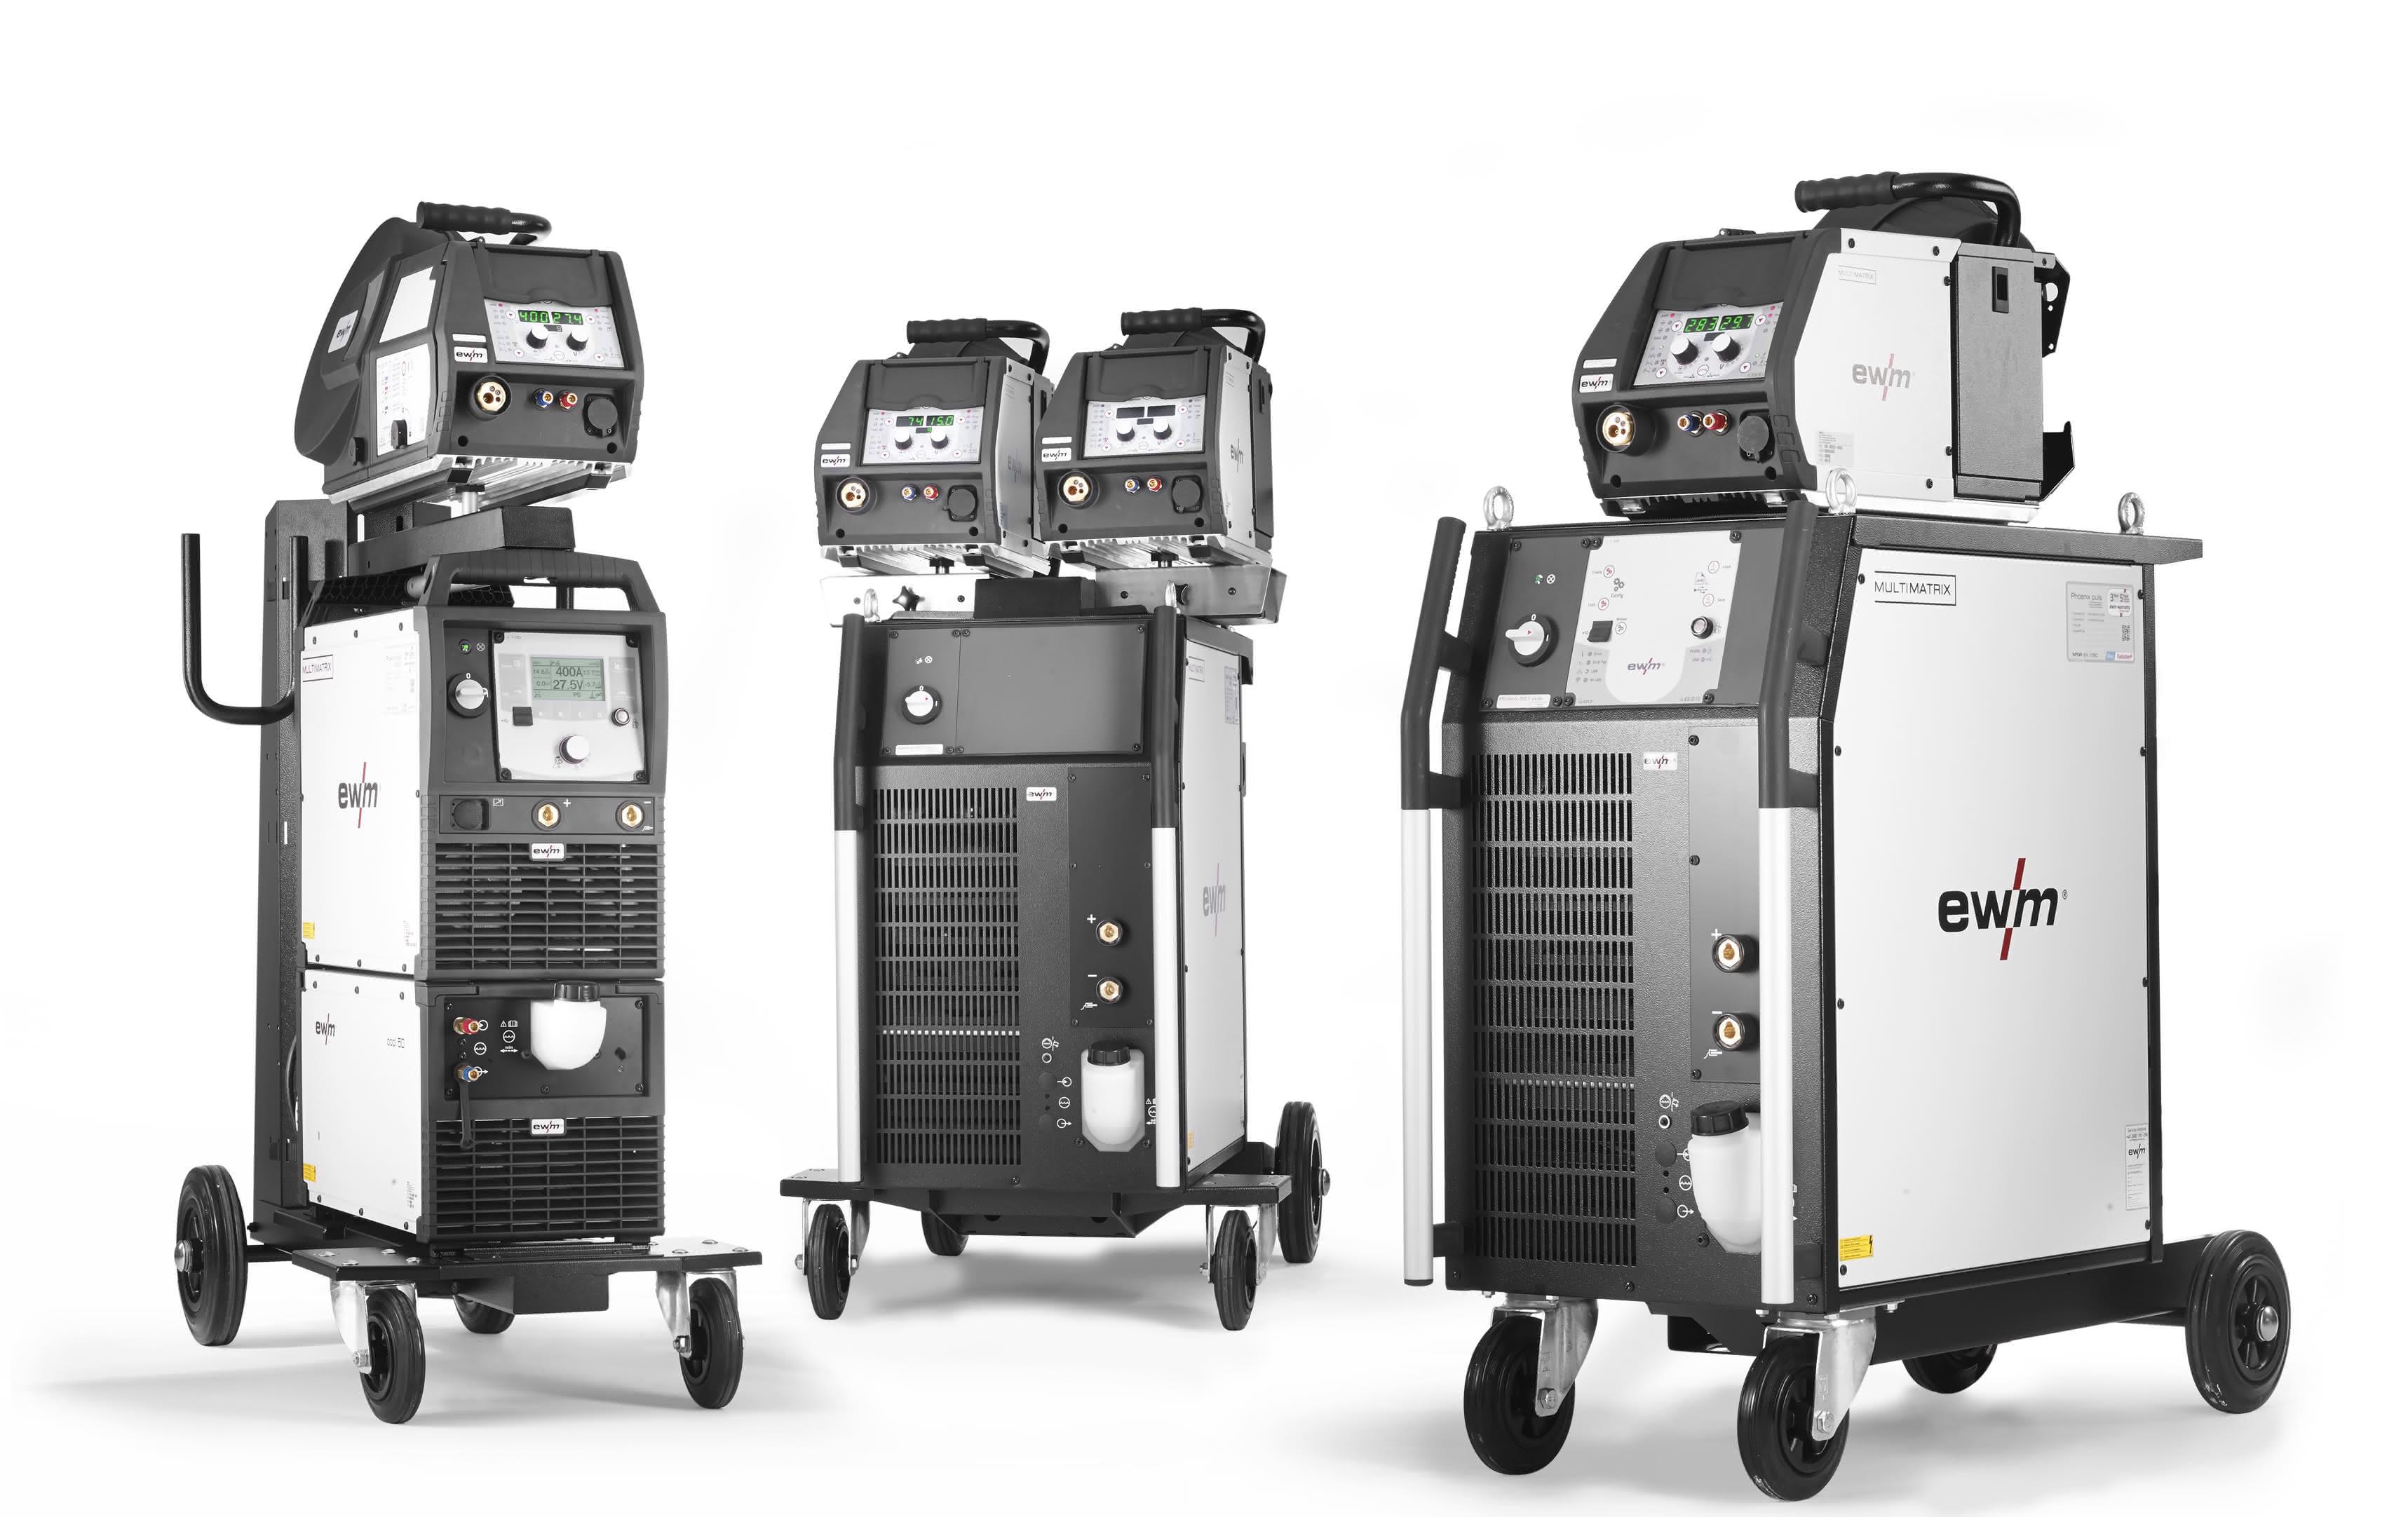 Lichtbogenschweißen: Euroblech 2014: Komplettangebot von EWM steigert Effizienz